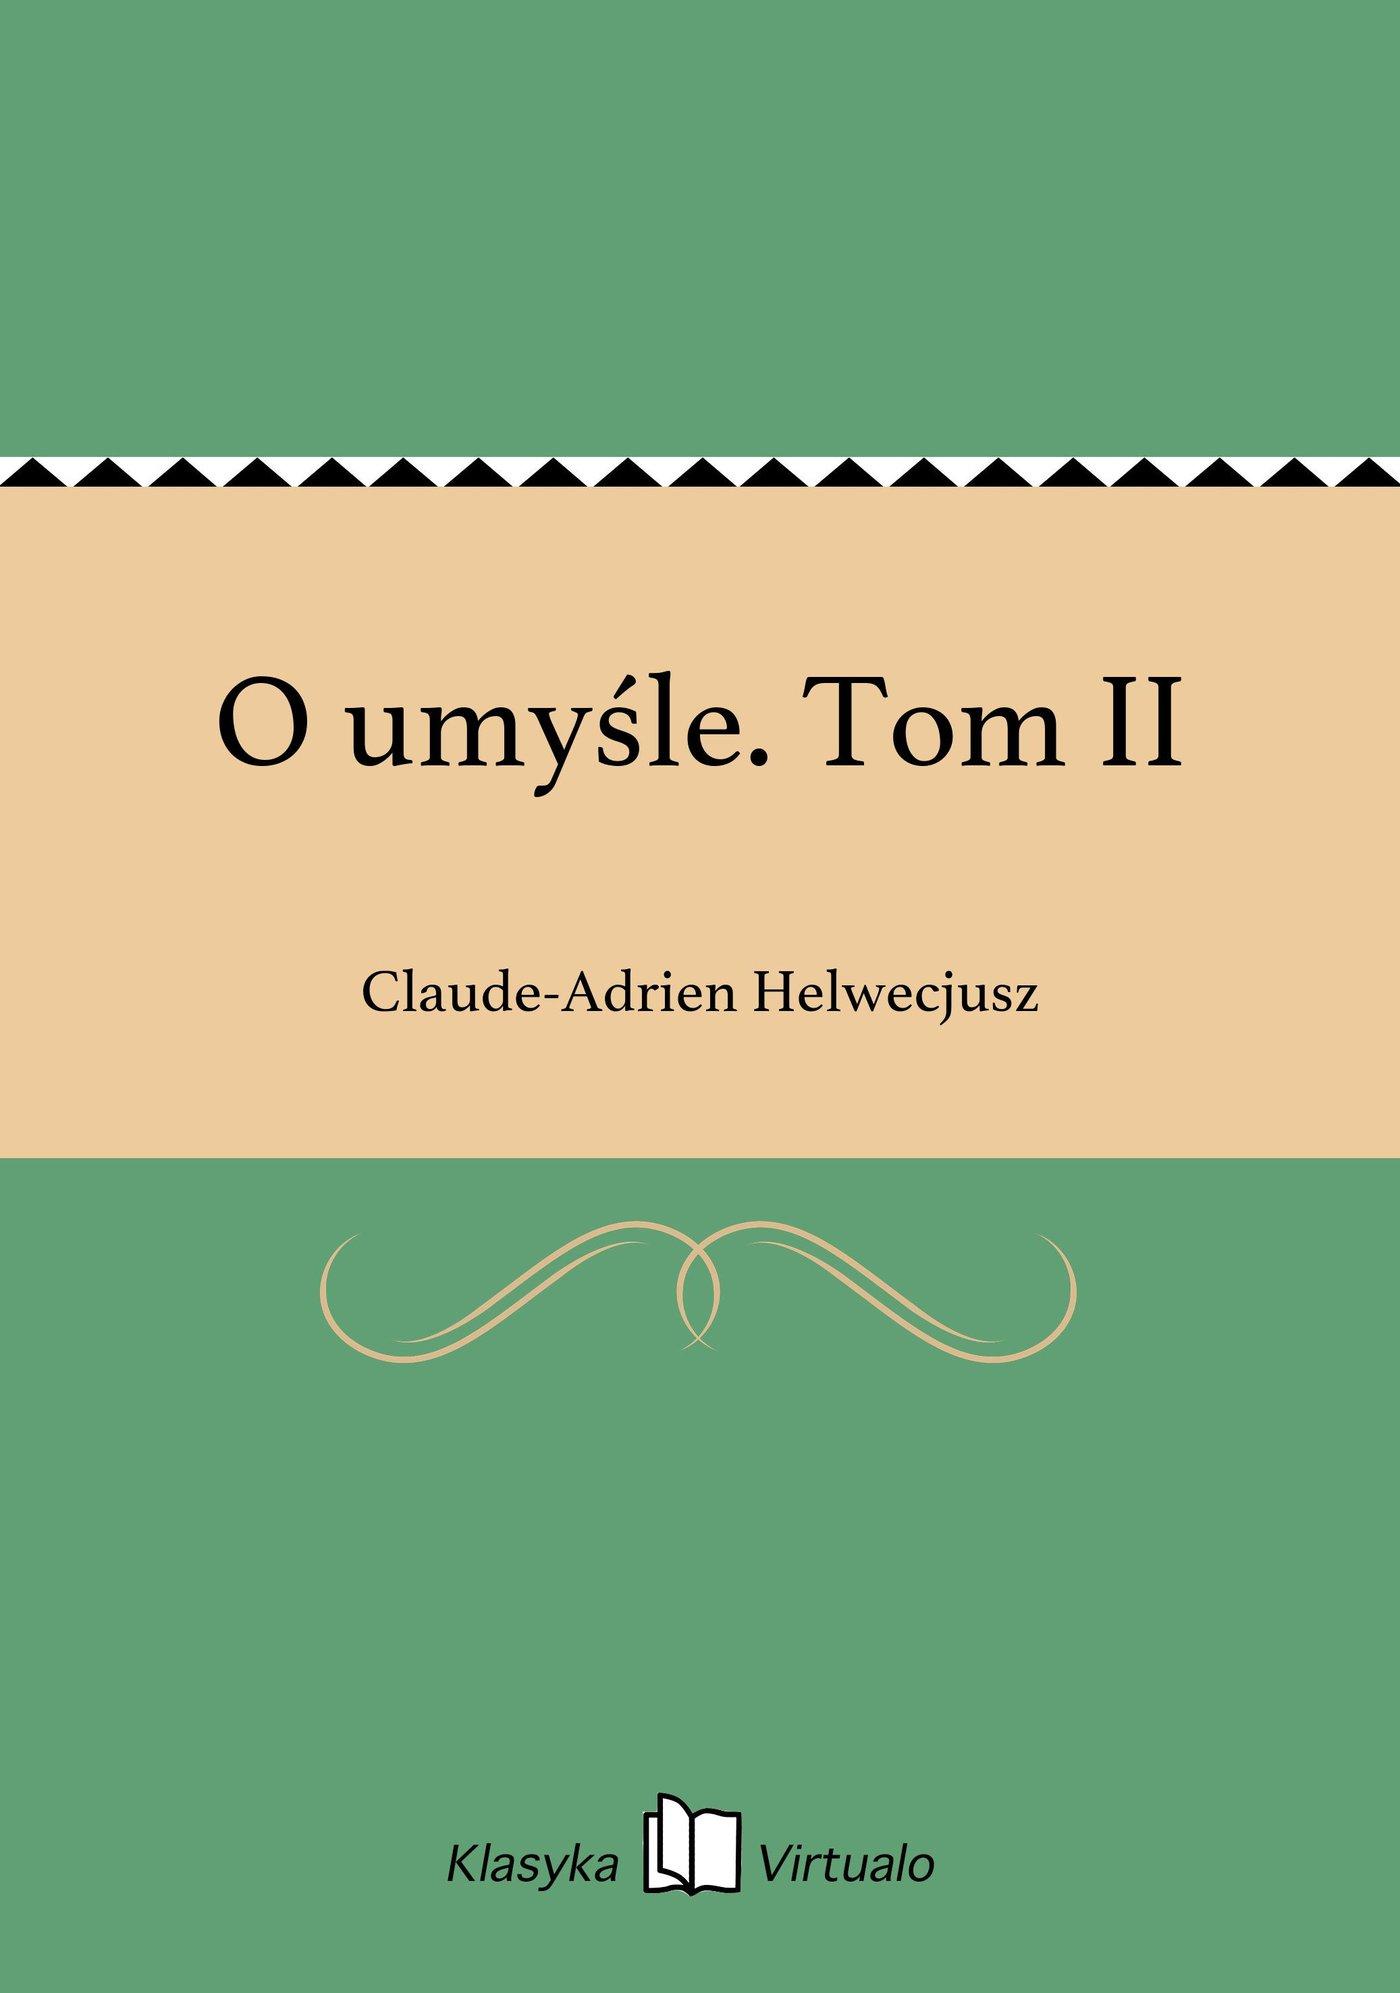 O umyśle. Tom II - Ebook (Książka EPUB) do pobrania w formacie EPUB